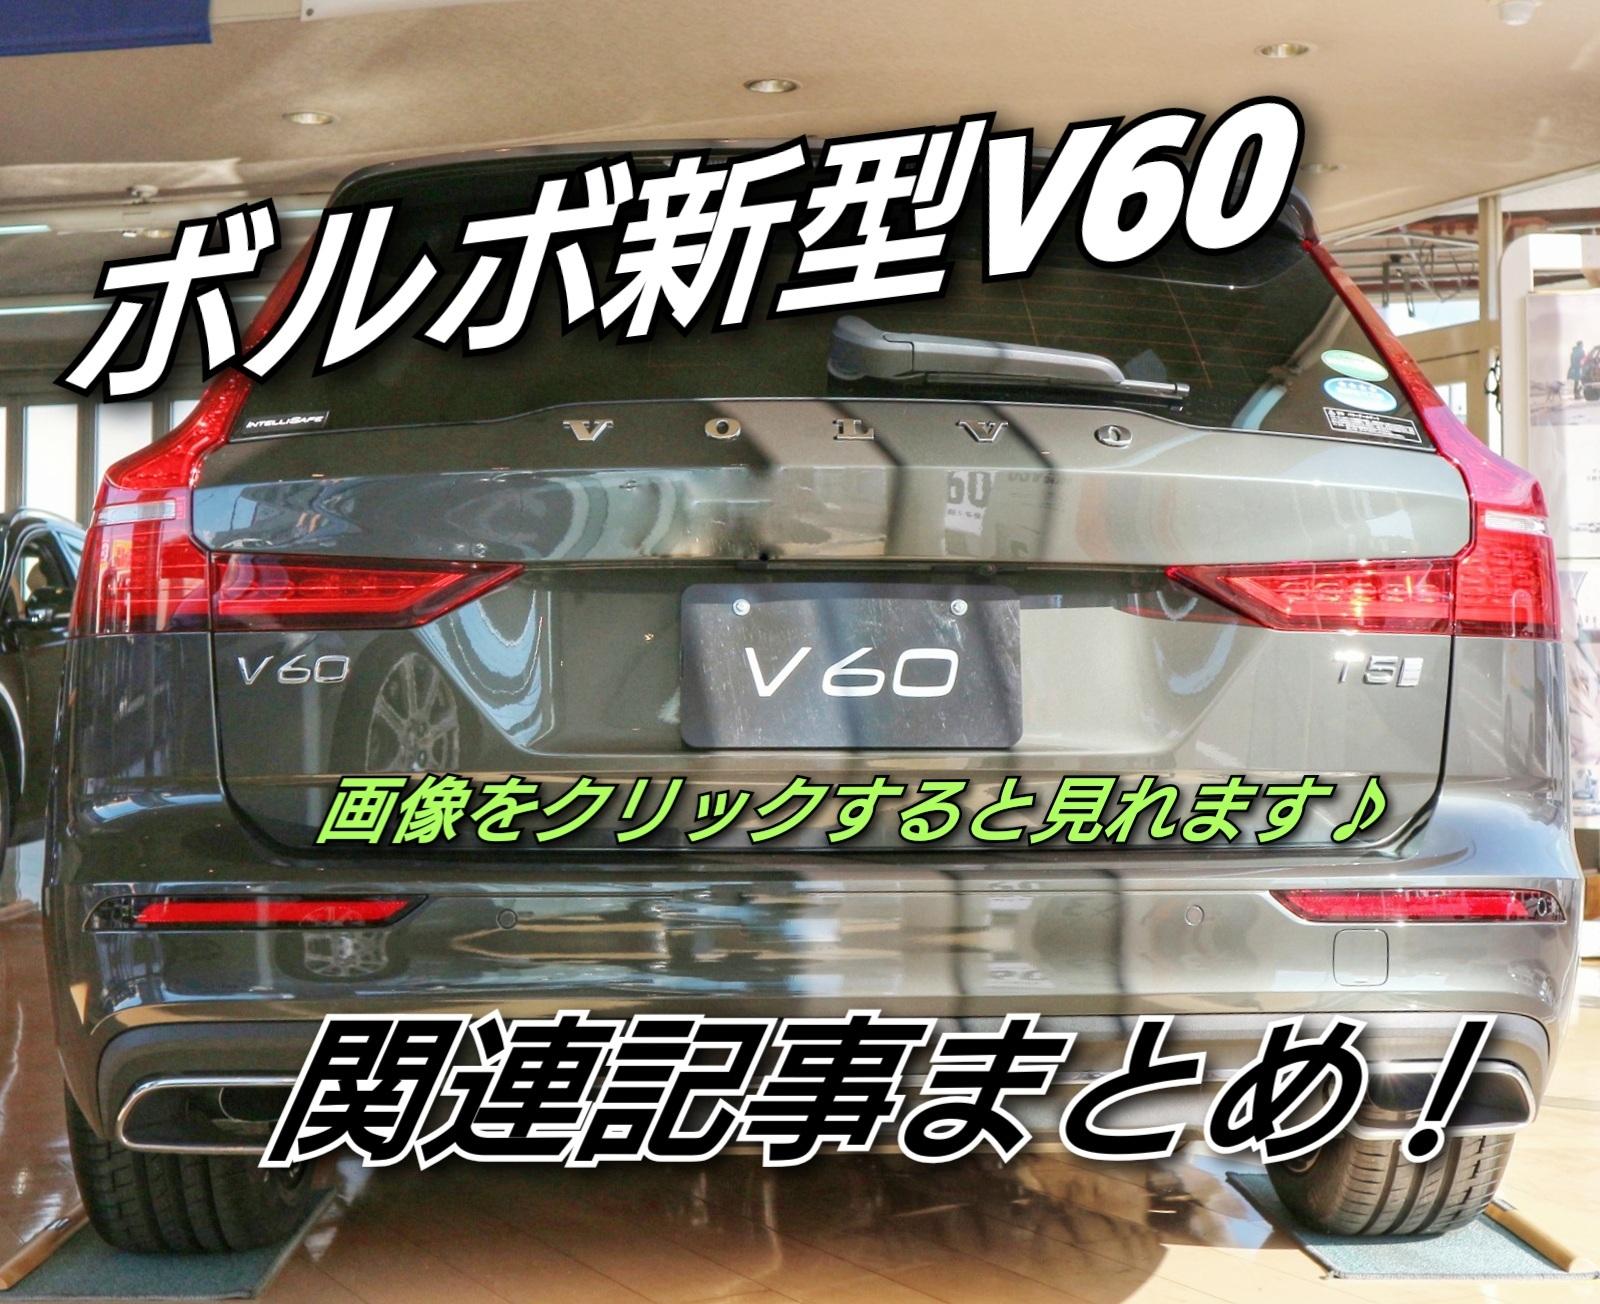 【ボルボ新型V60関連記事まとめ】